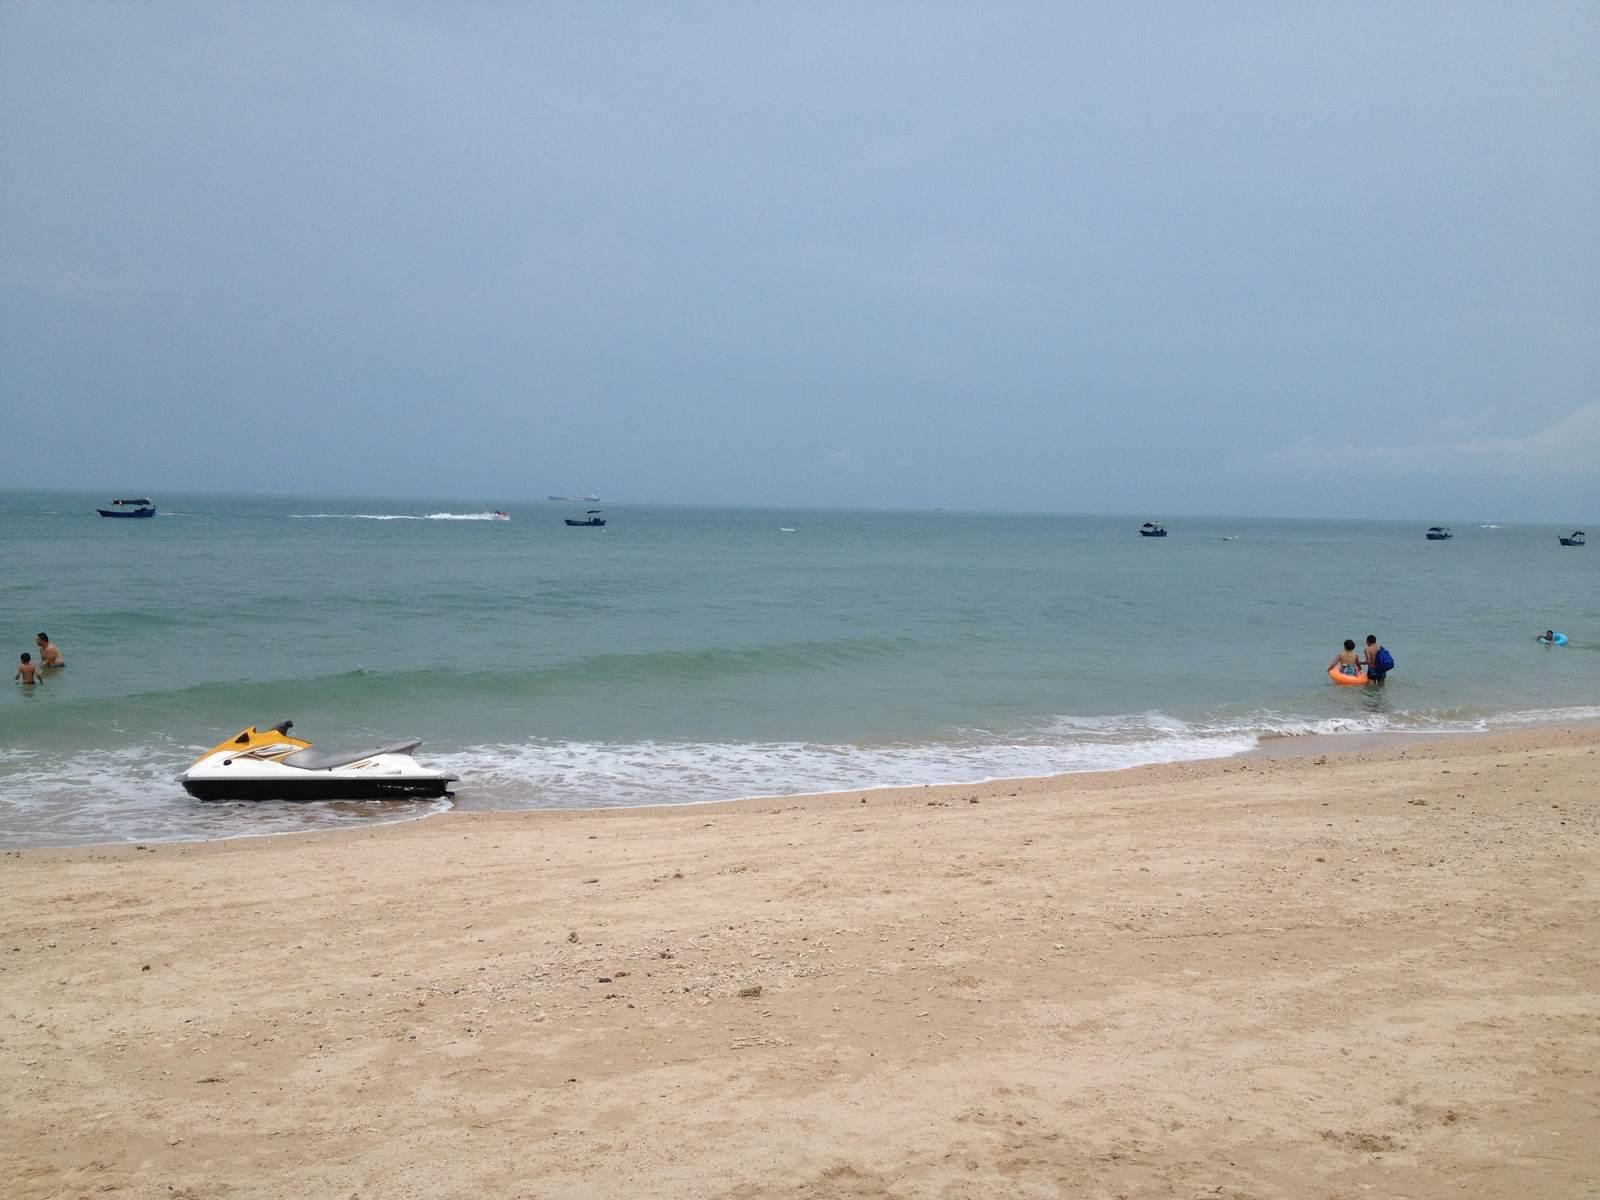 石螺口海滩 吃完午饭就坐船回北海,回去比较松,没要妹妹补票,省一笔.